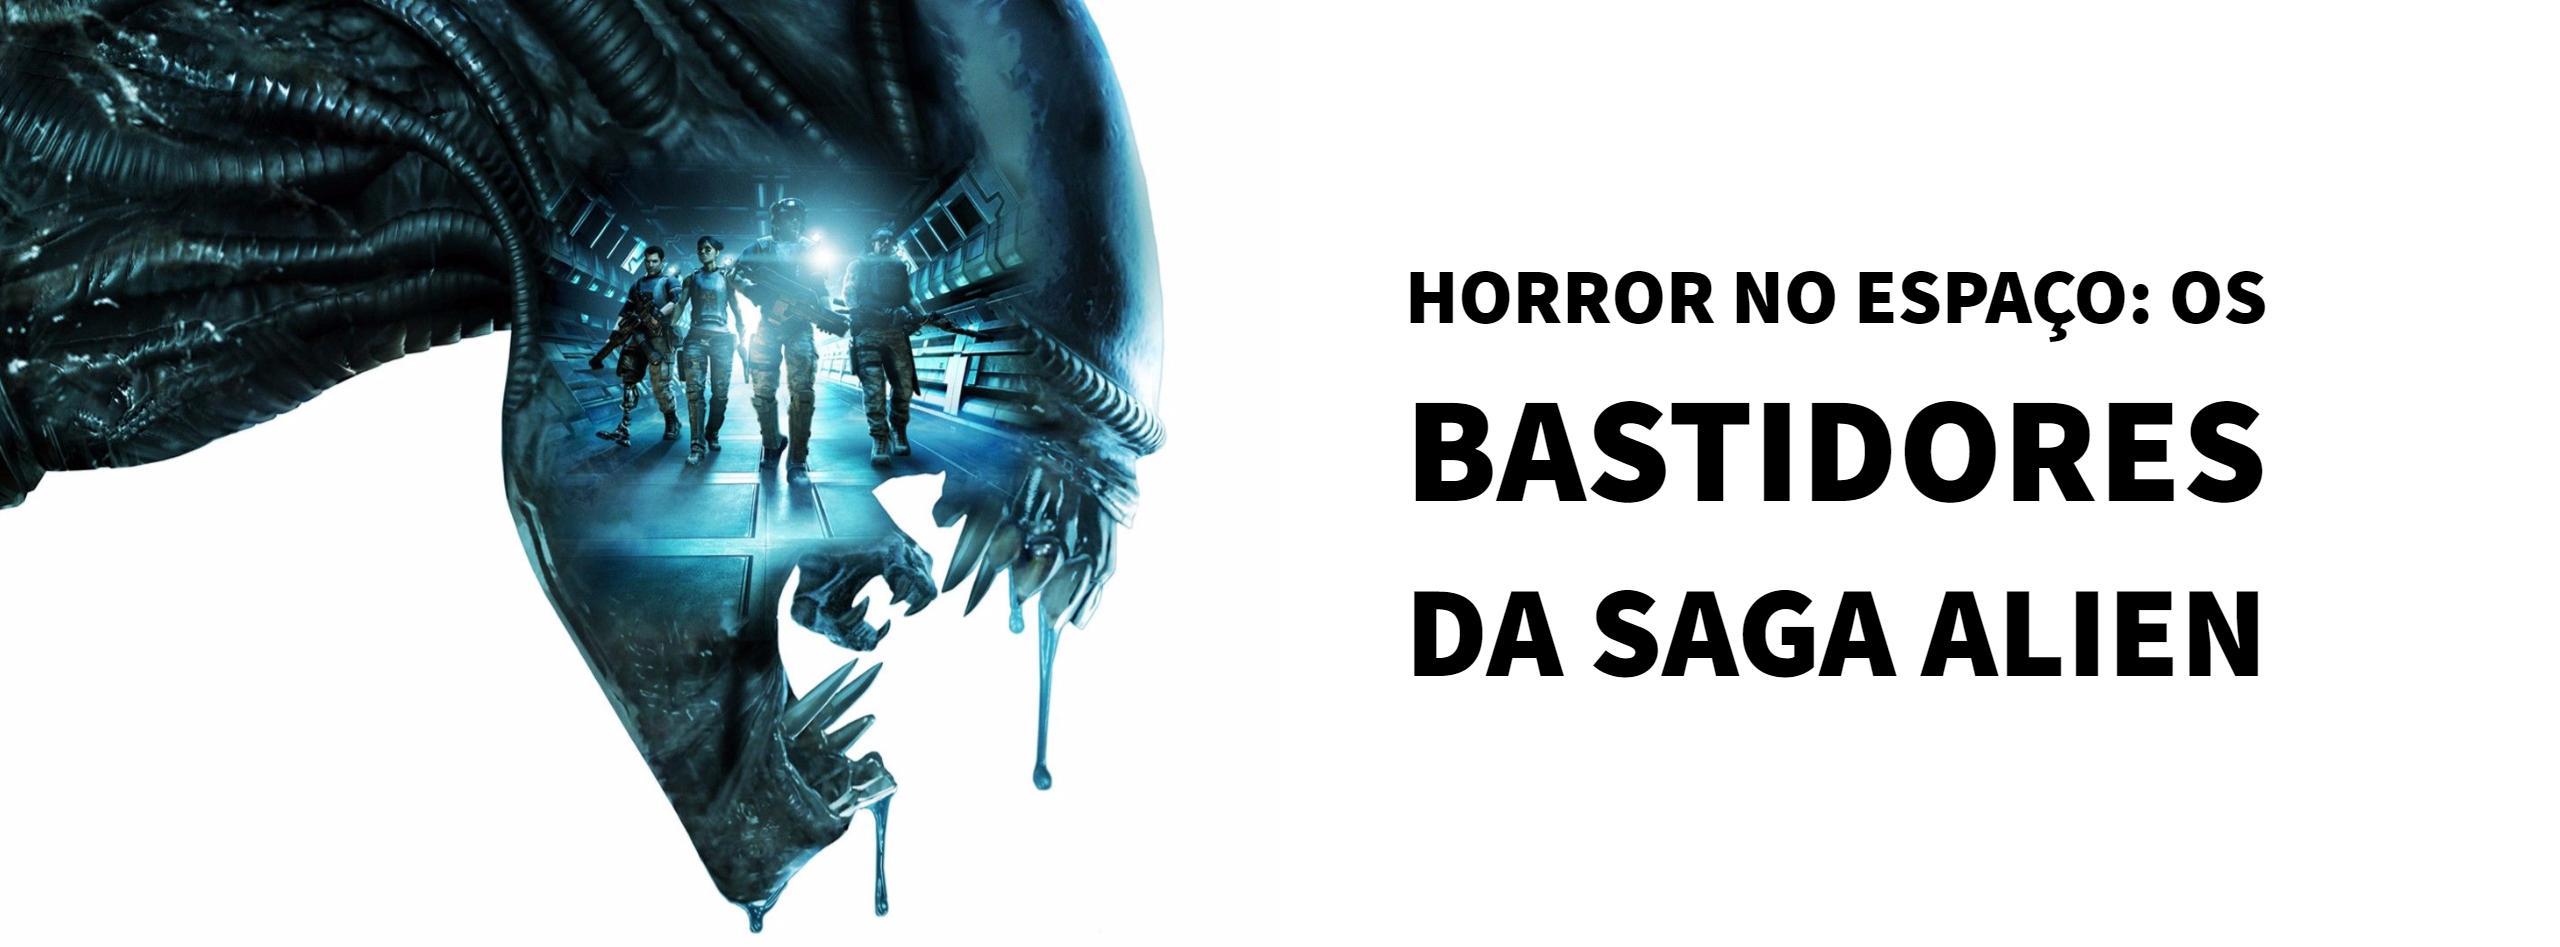 Horror no Espaço: Os Bastidores da Saga Alien